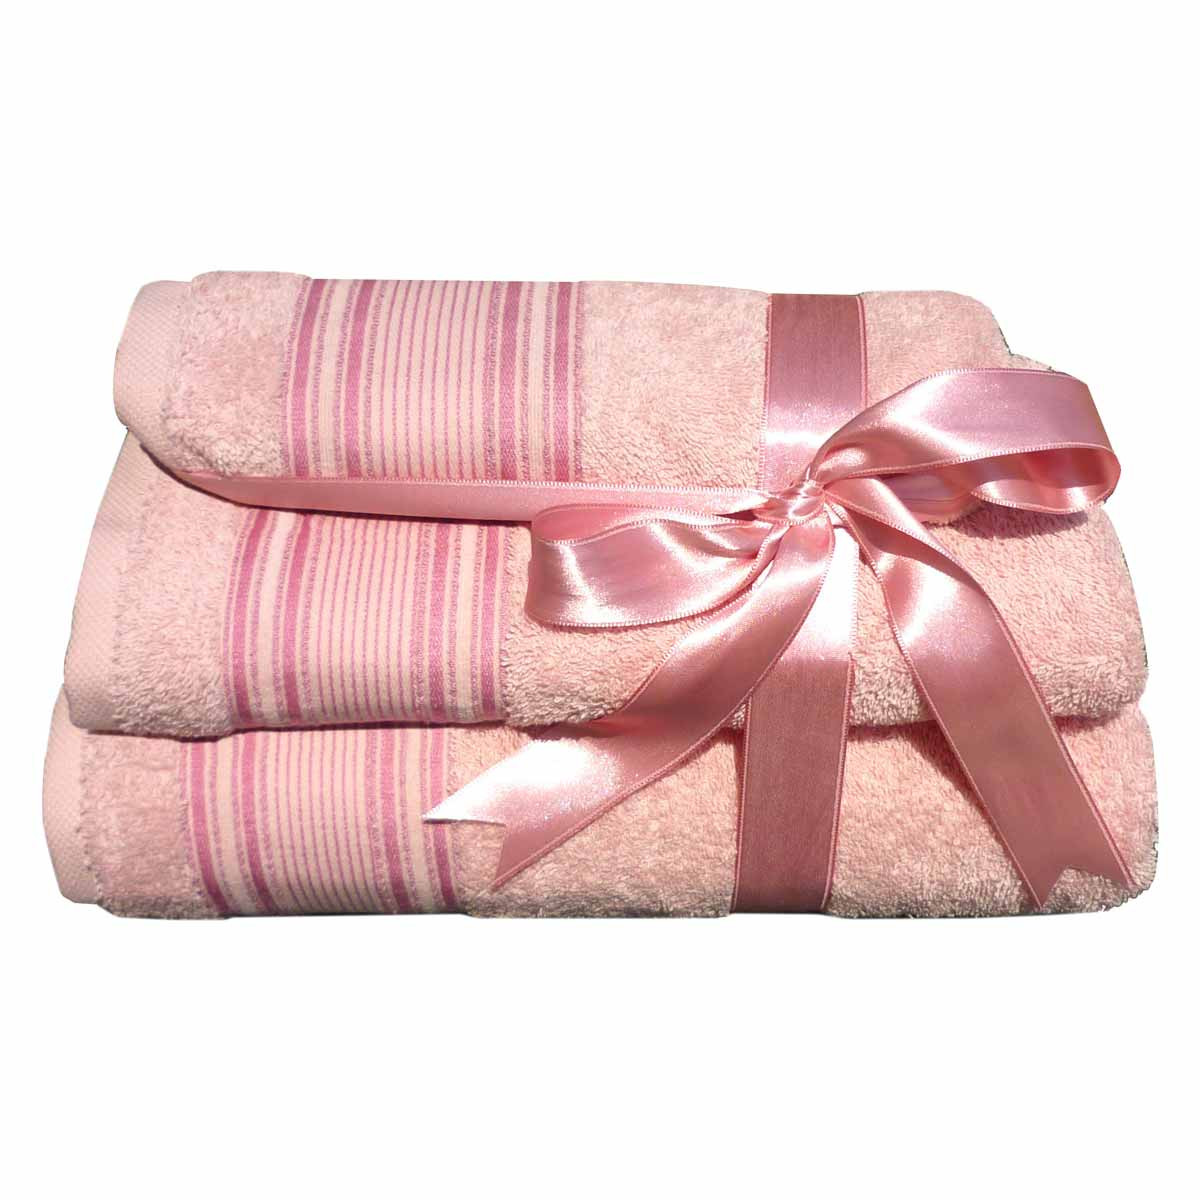 Πετσέτες Μπάνιου (Σετ 3τμχ) Morven 1909 Pink